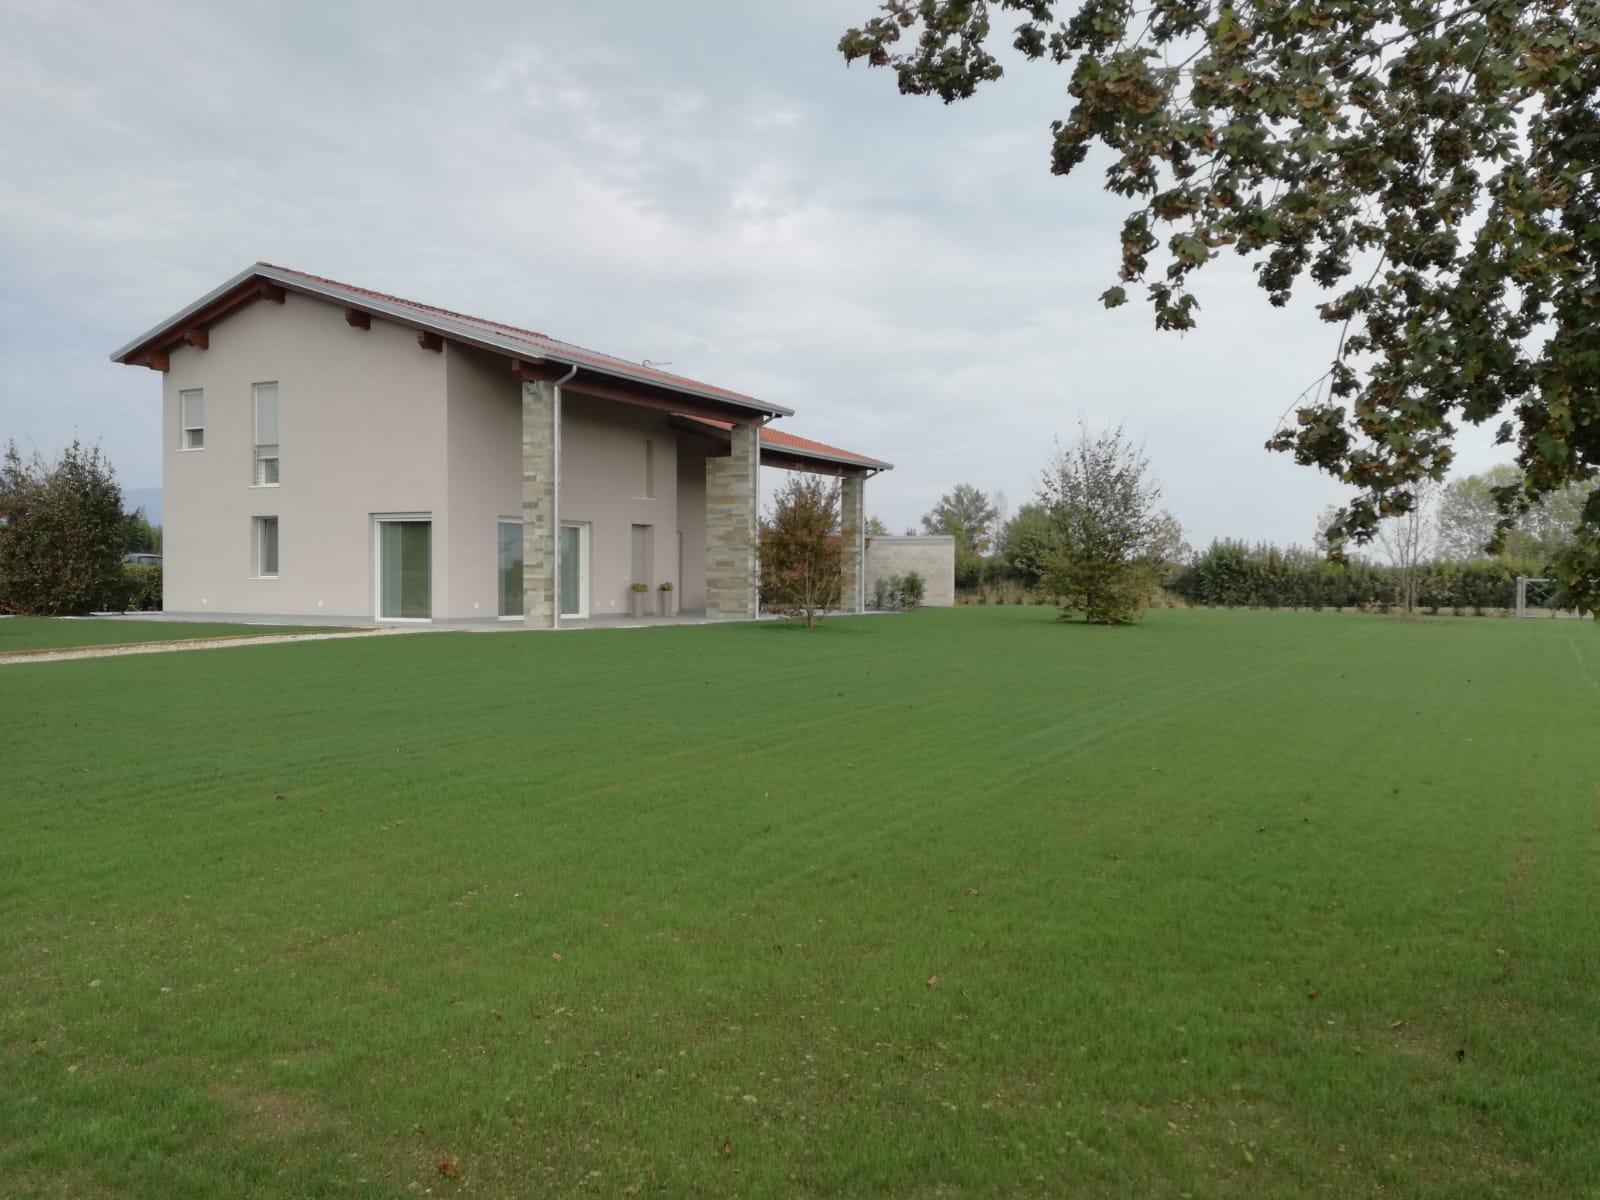 progettazione realizzazione giardini villaverla - verde blu giardini 10